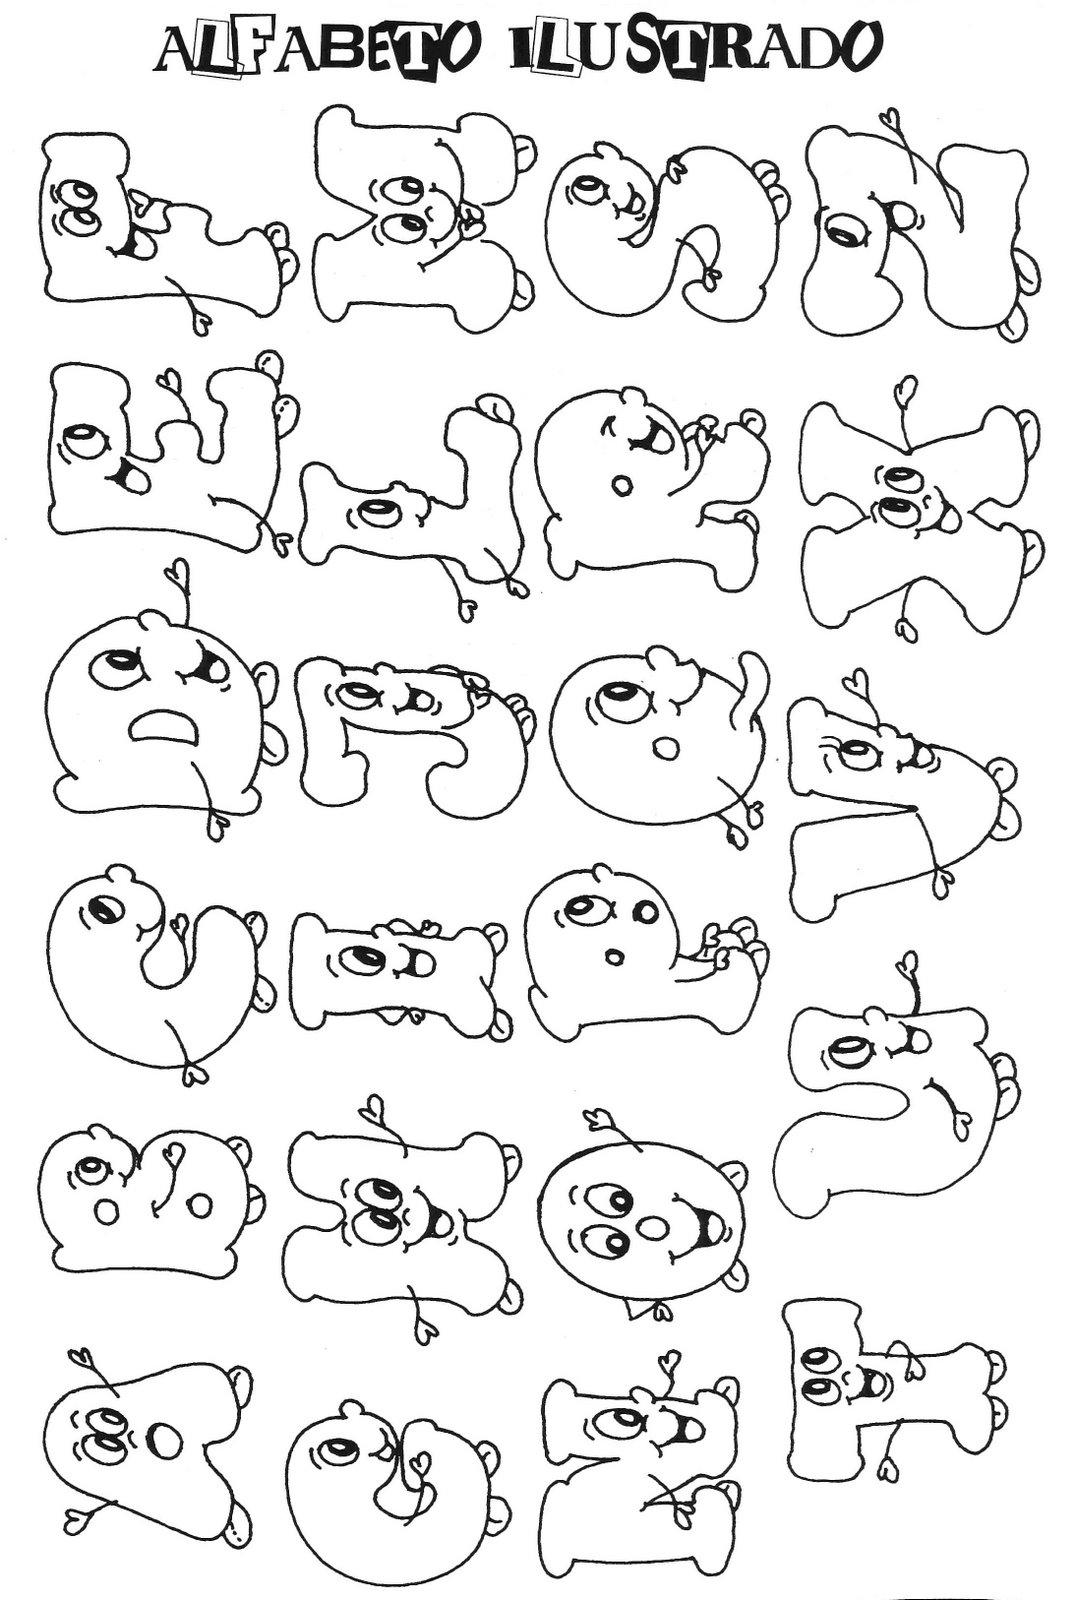 Alfabeto para colorir e pintar 10 aprender a desenhar - Aprender a pintar ...